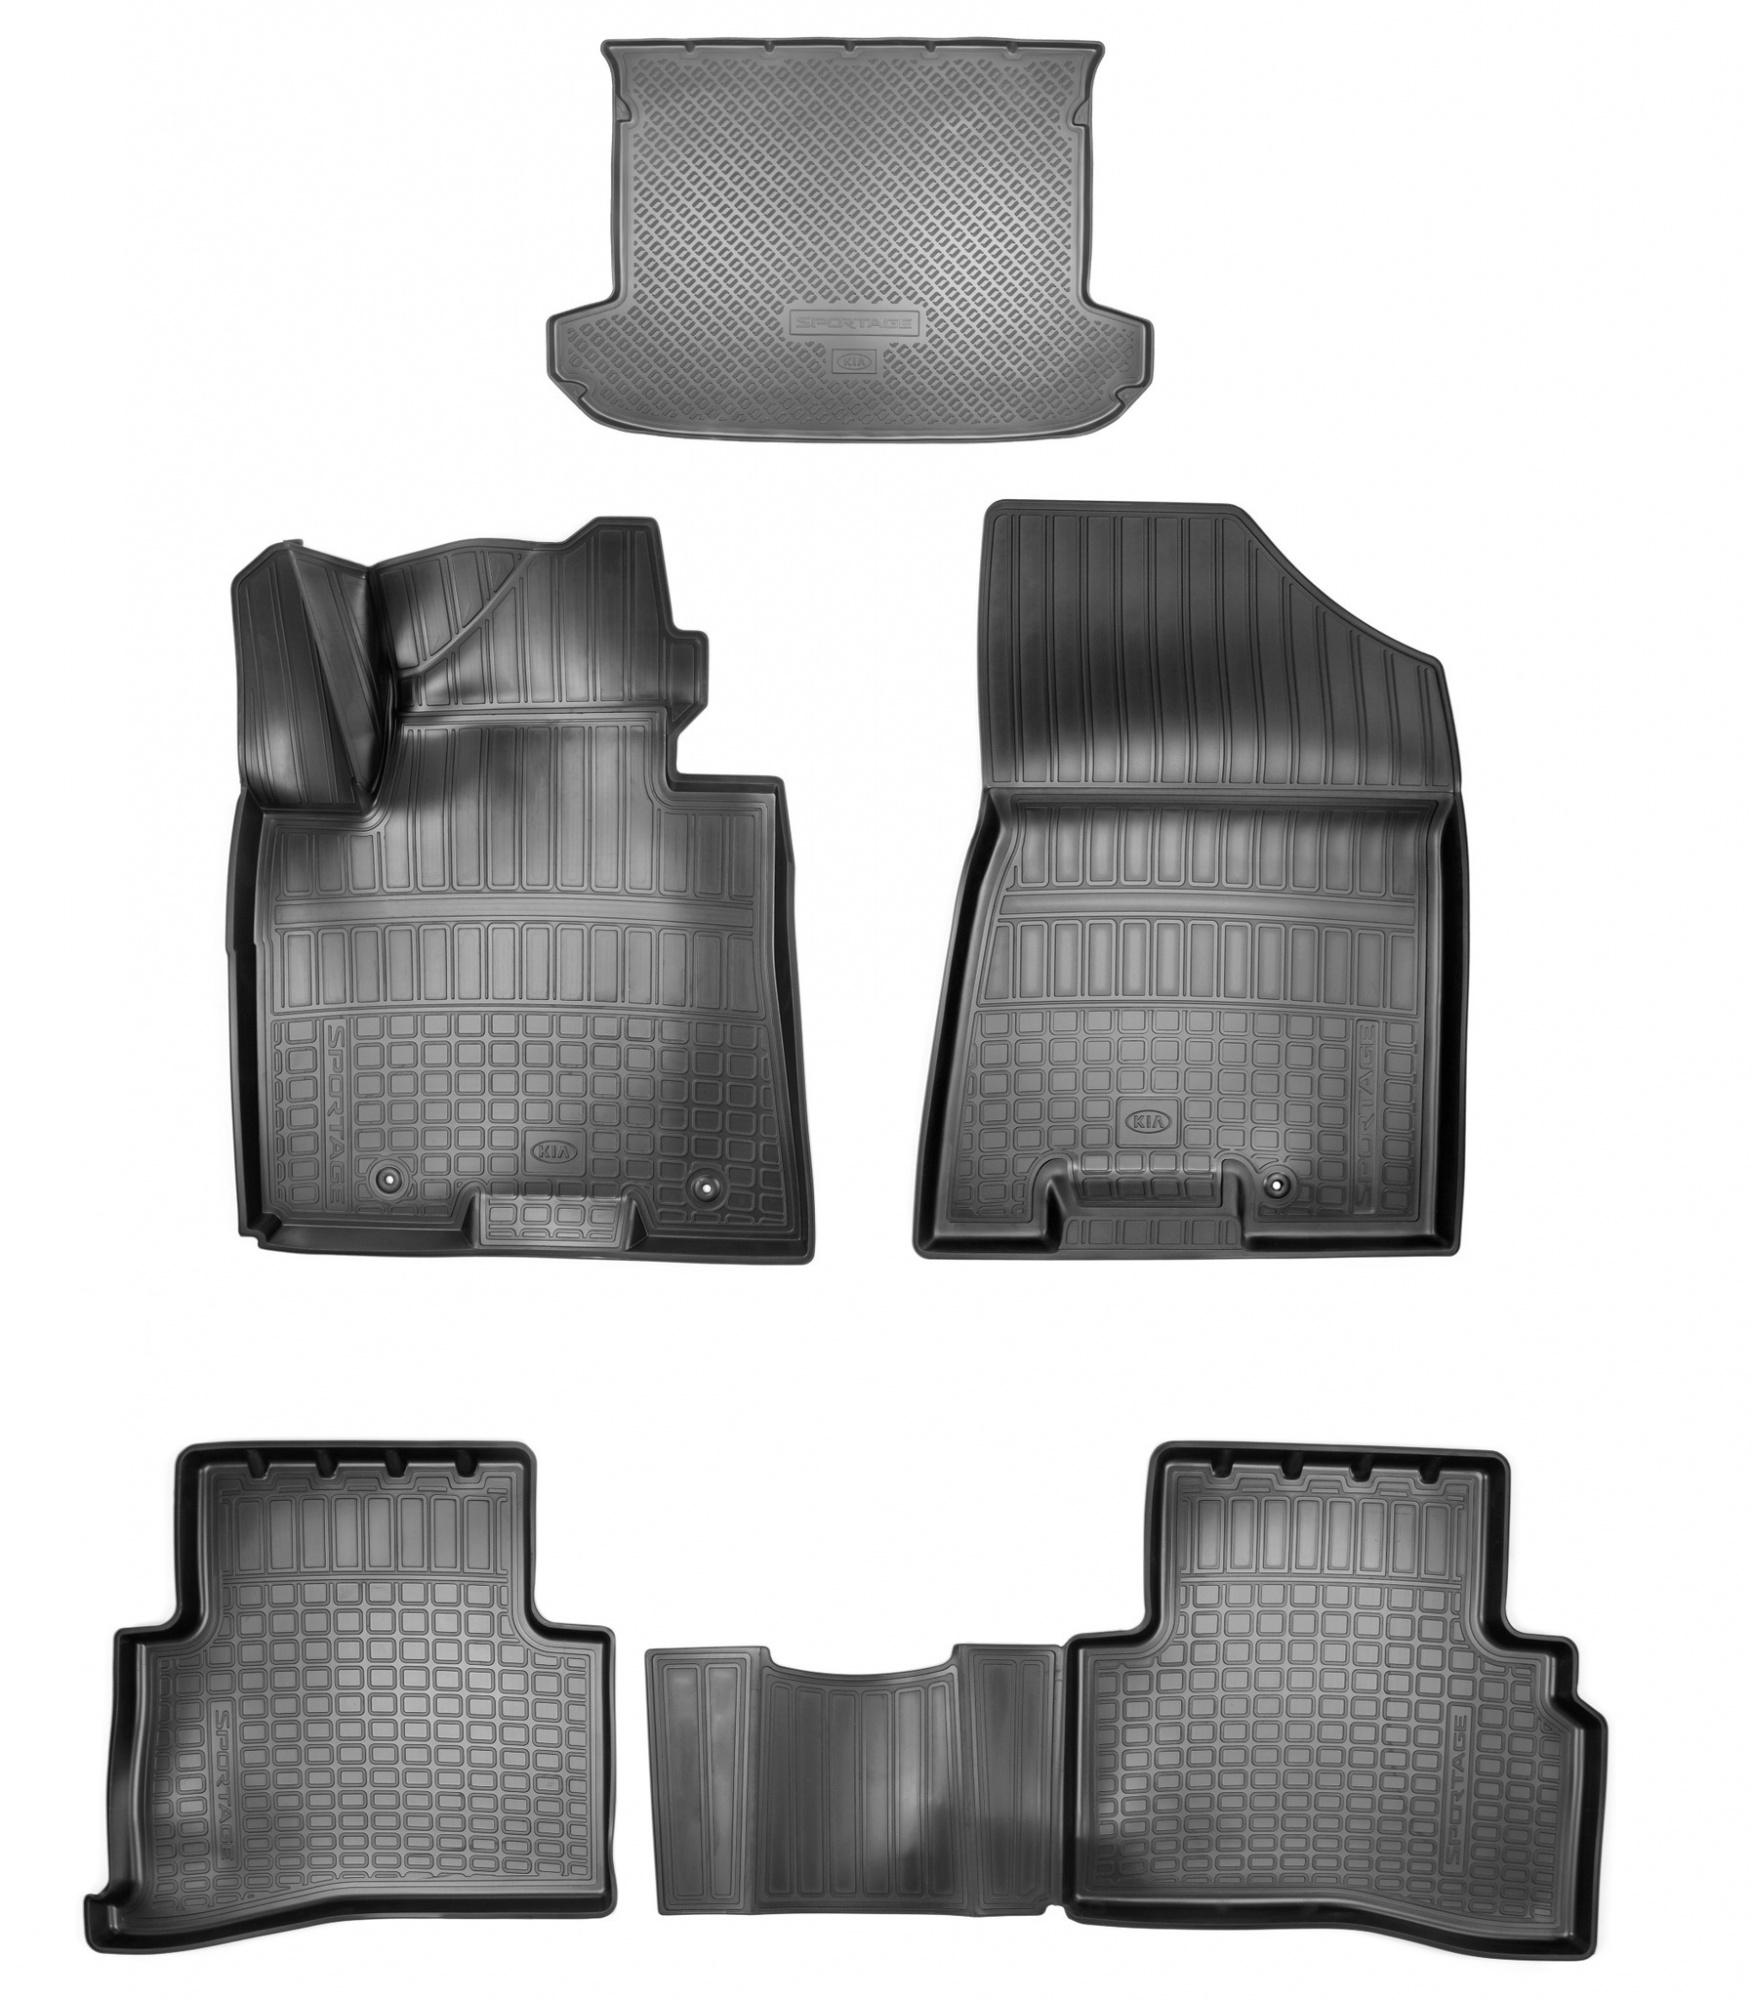 Коврики в багажник Hyundai/Kia полиуретан серый R8130D7100P Hyundai Tucson (3G) TL рест. 2018-